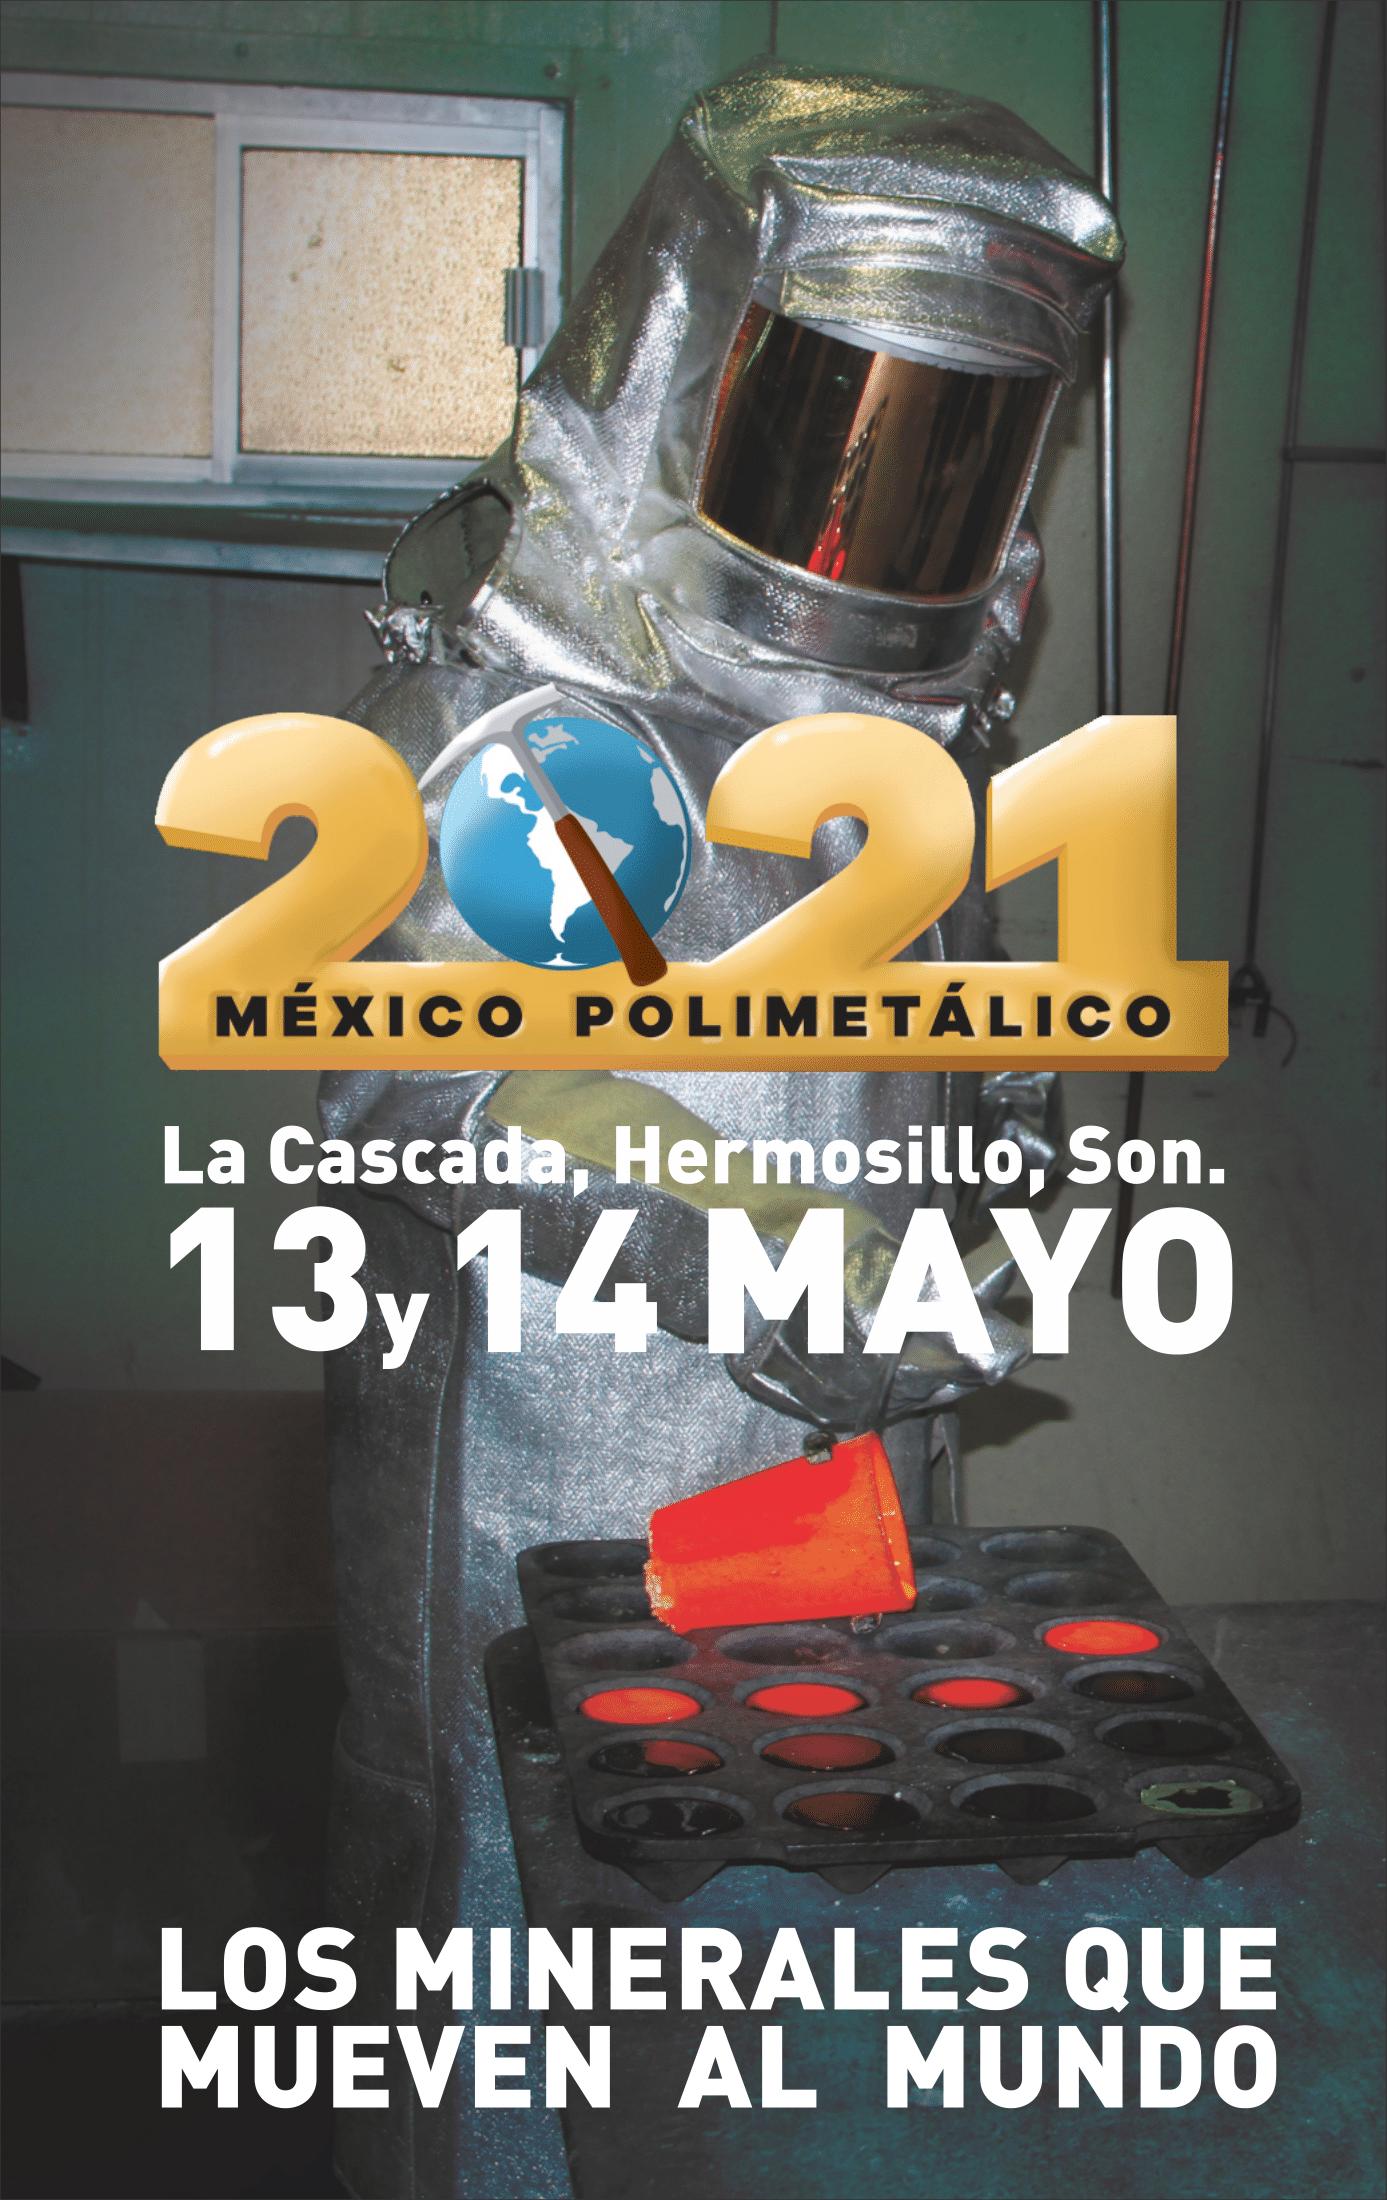 MEXICO POLIMETALICO 2021-1